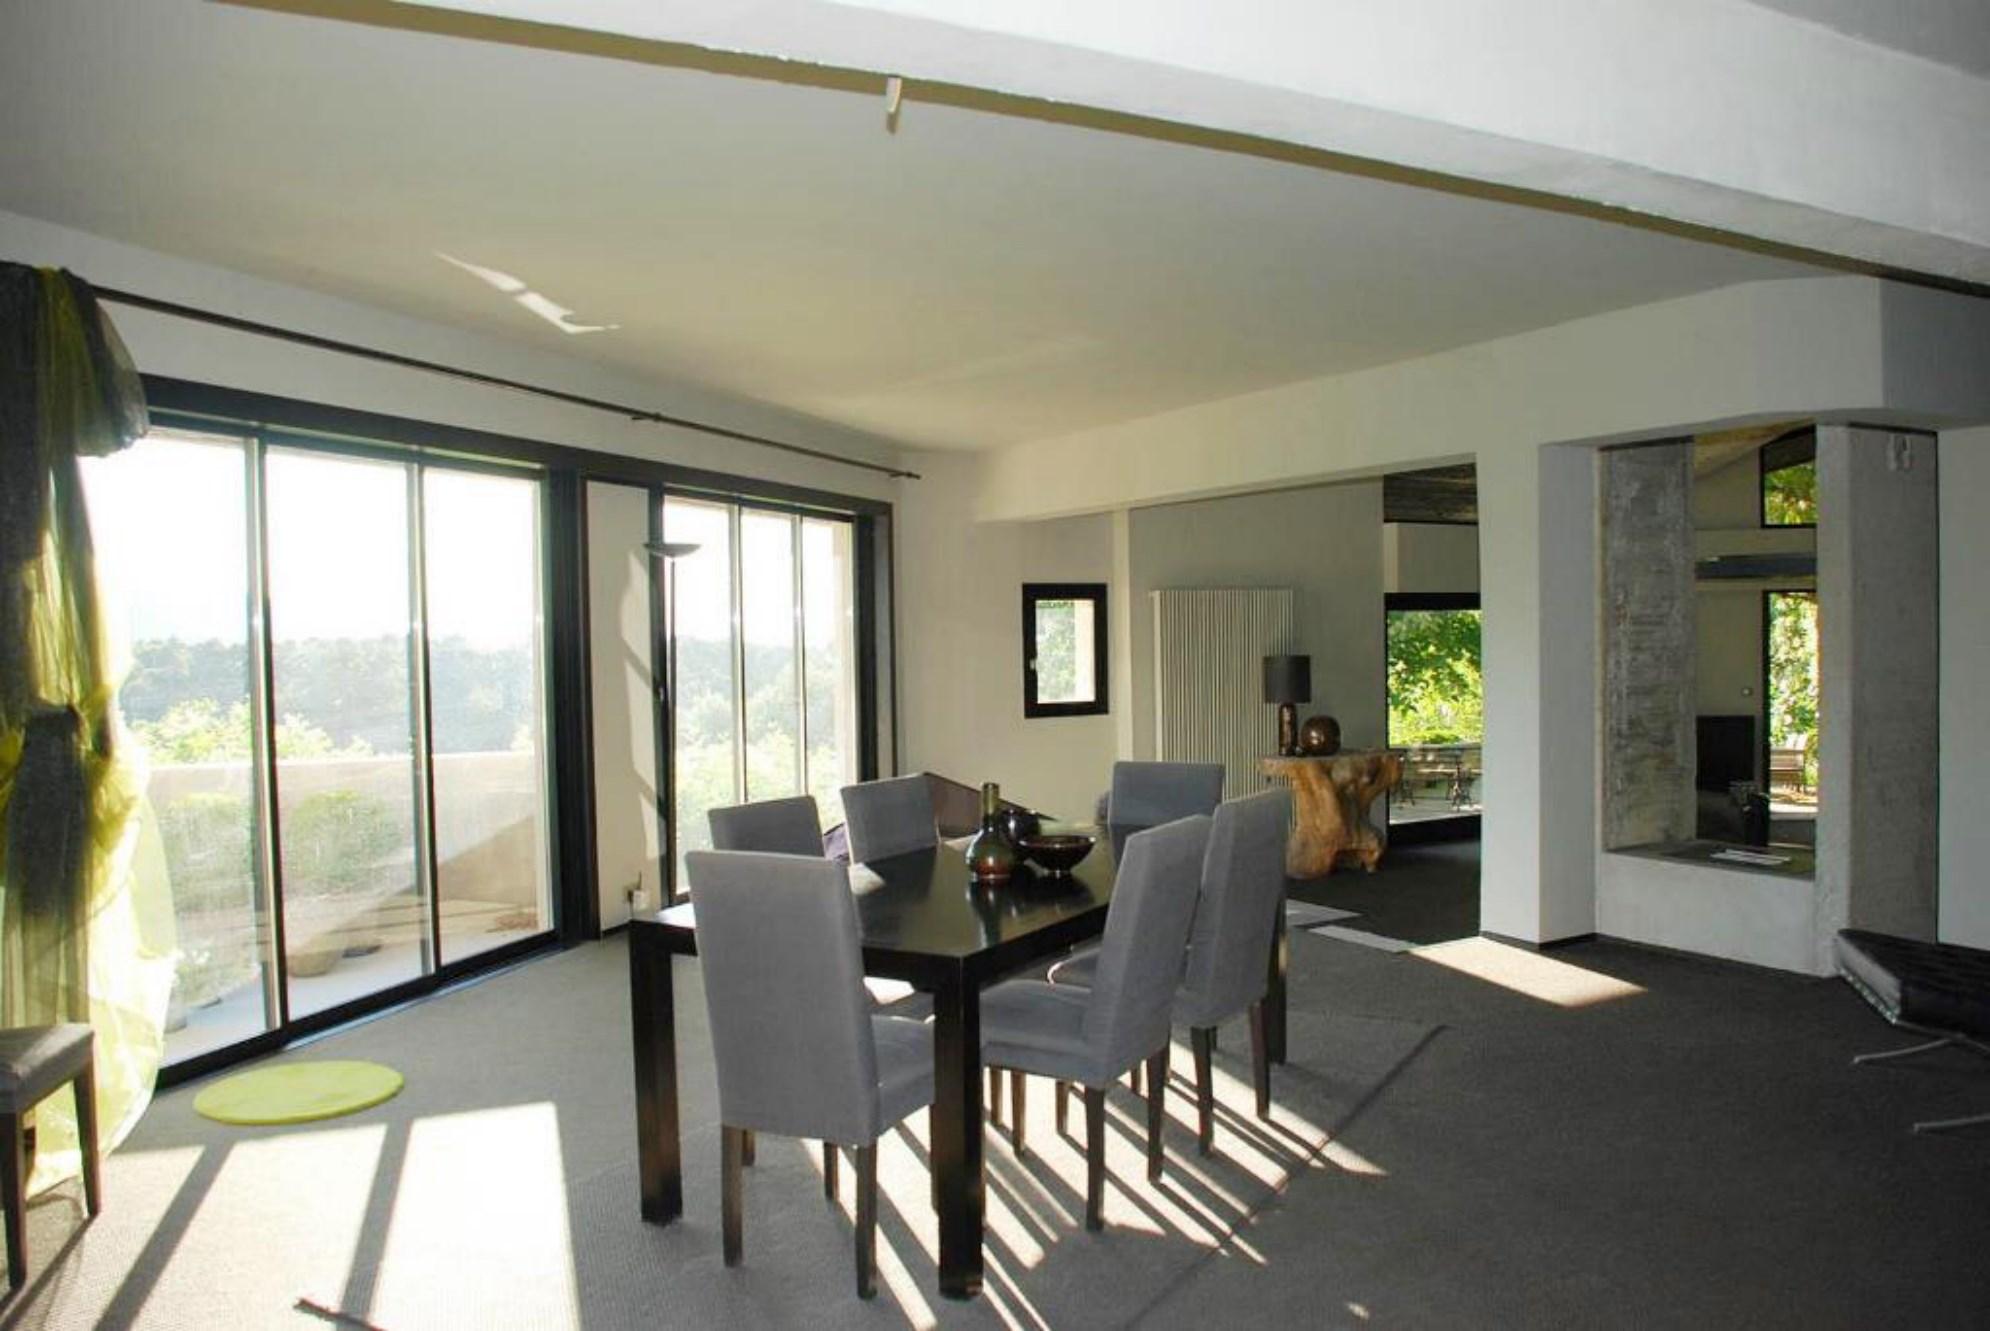 ventes en vente en luberon maison contemporaine avec terrasses piscine et vues panoramiques. Black Bedroom Furniture Sets. Home Design Ideas